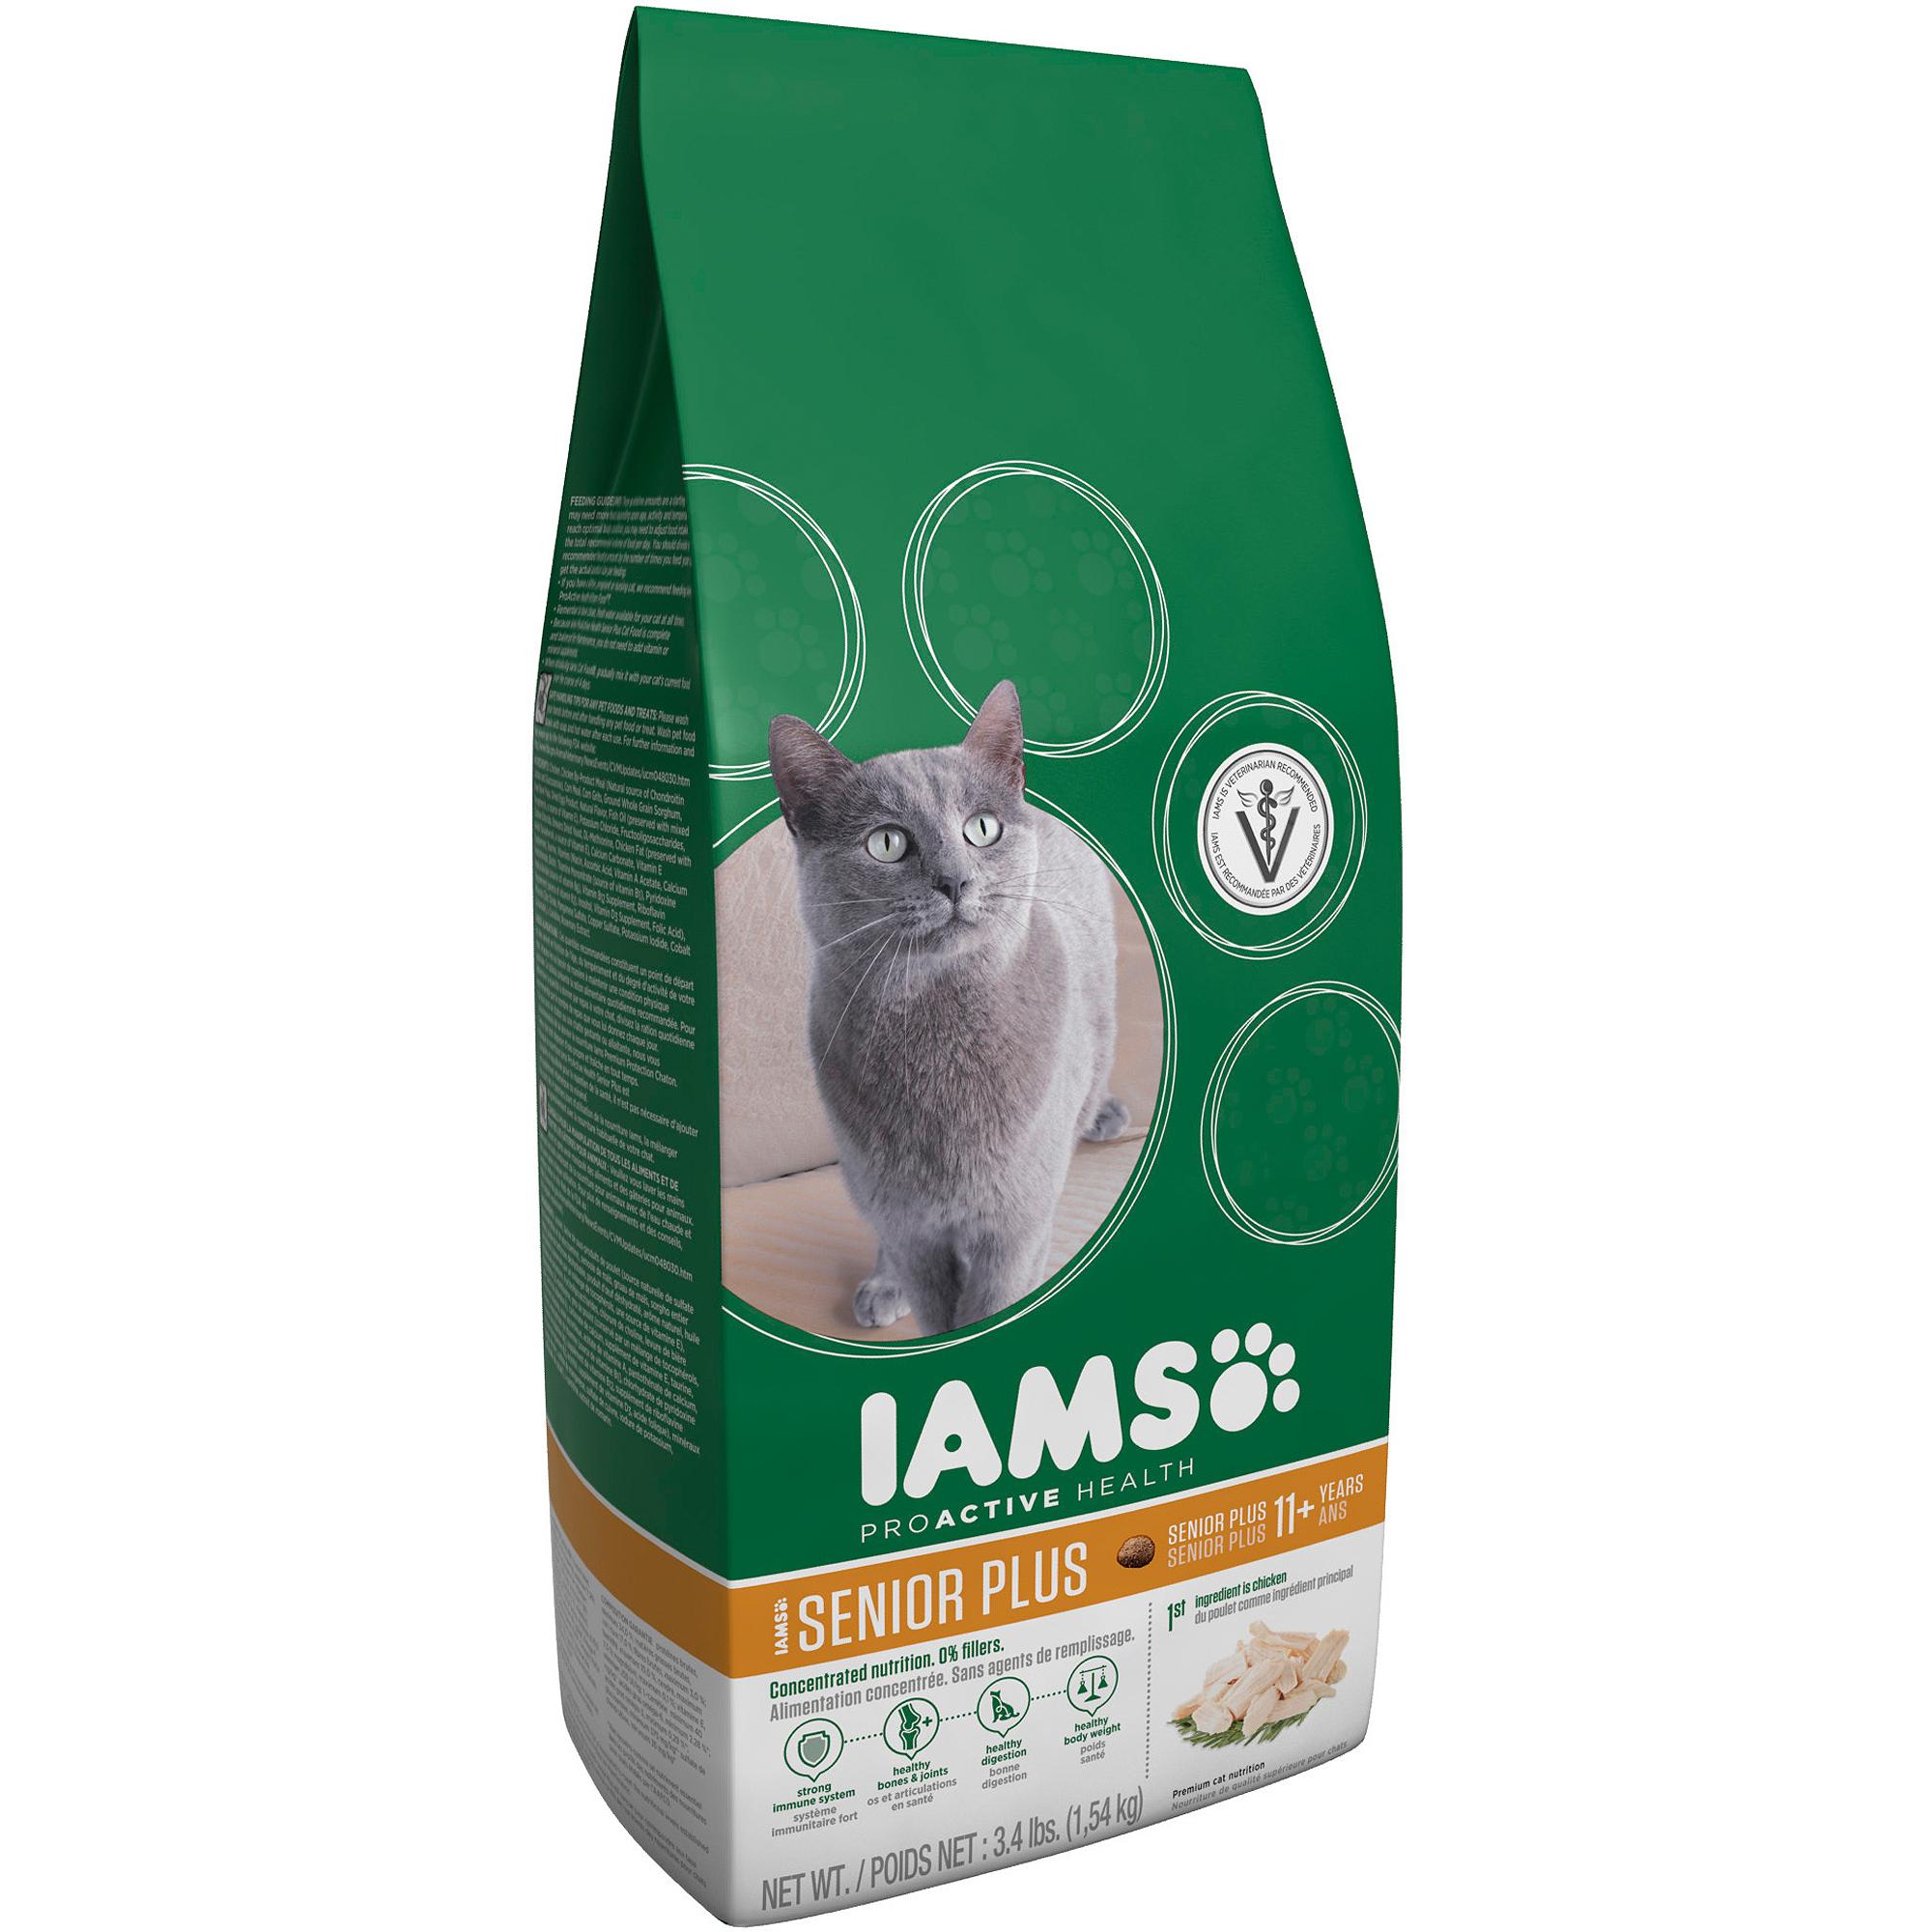 Iams ProActive Health Adult Senior Plus Premium Cat Food 3.4 lbs